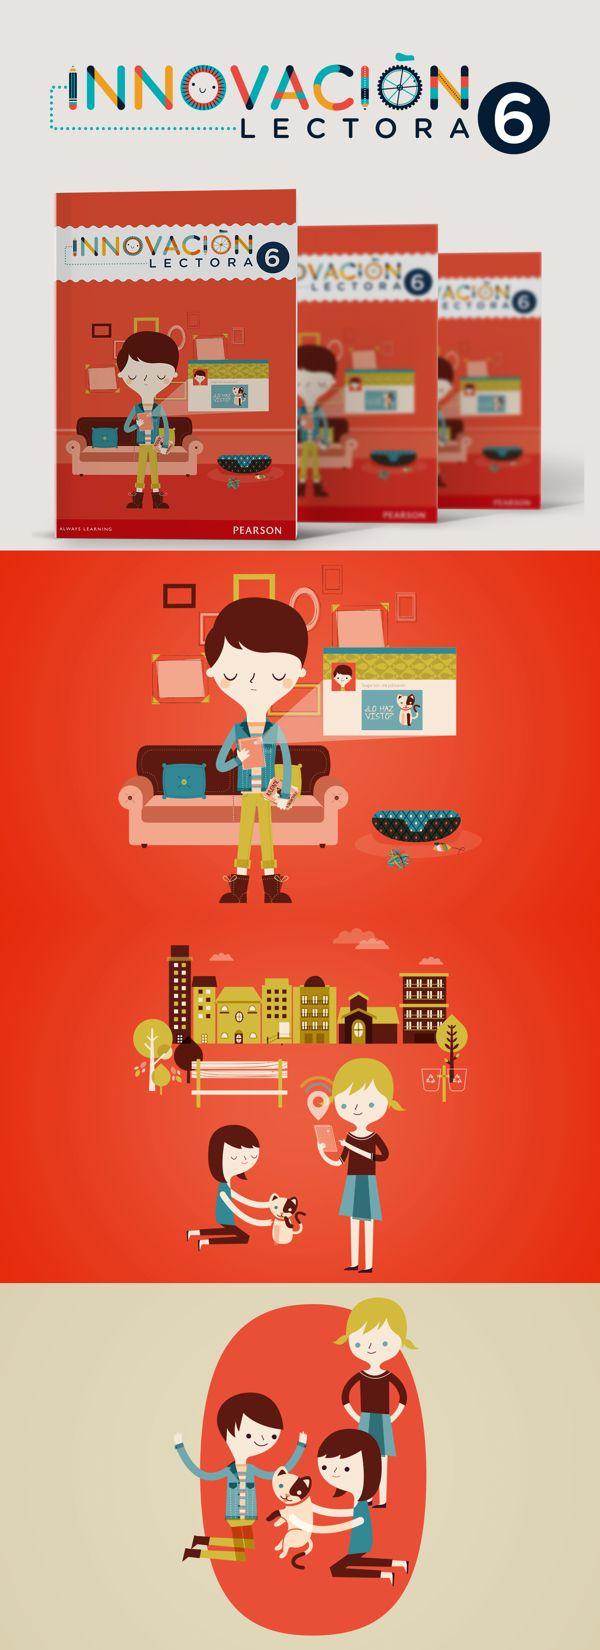 Innovación Lectora 6 by Cherry Bomb Design Studio, via Behance